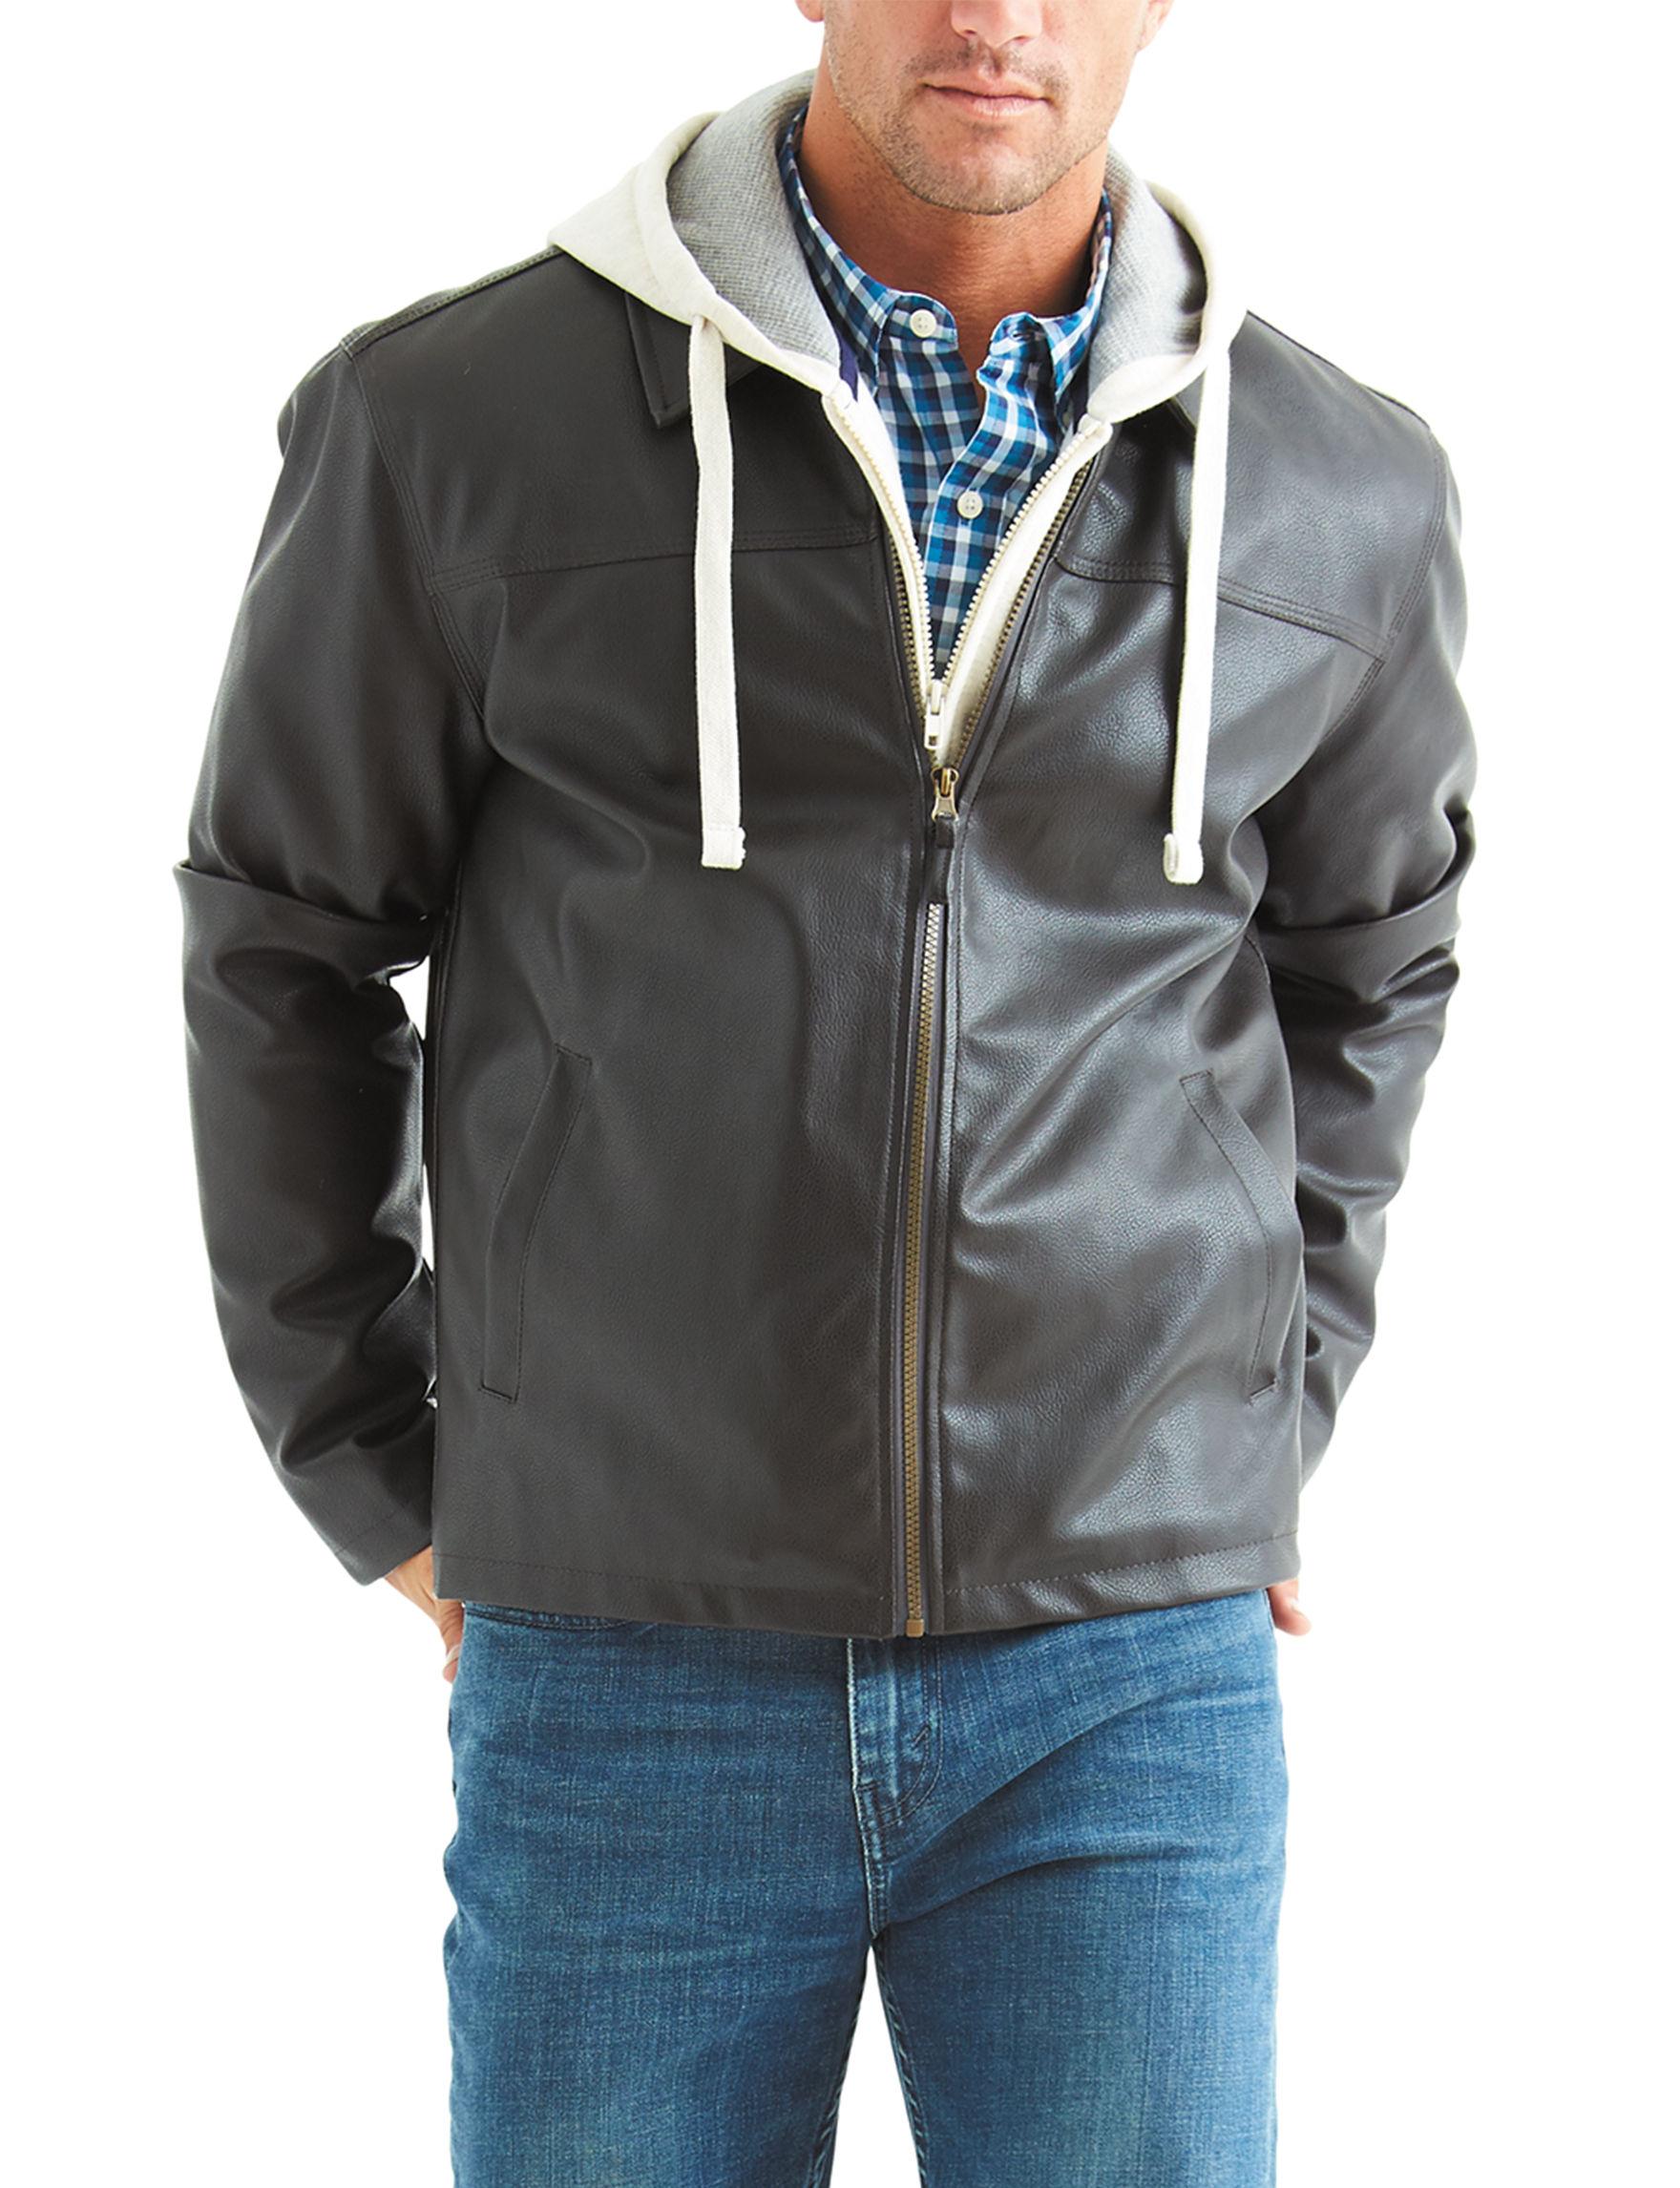 U.S. Polo Assn. Brown Lightweight Jackets & Blazers